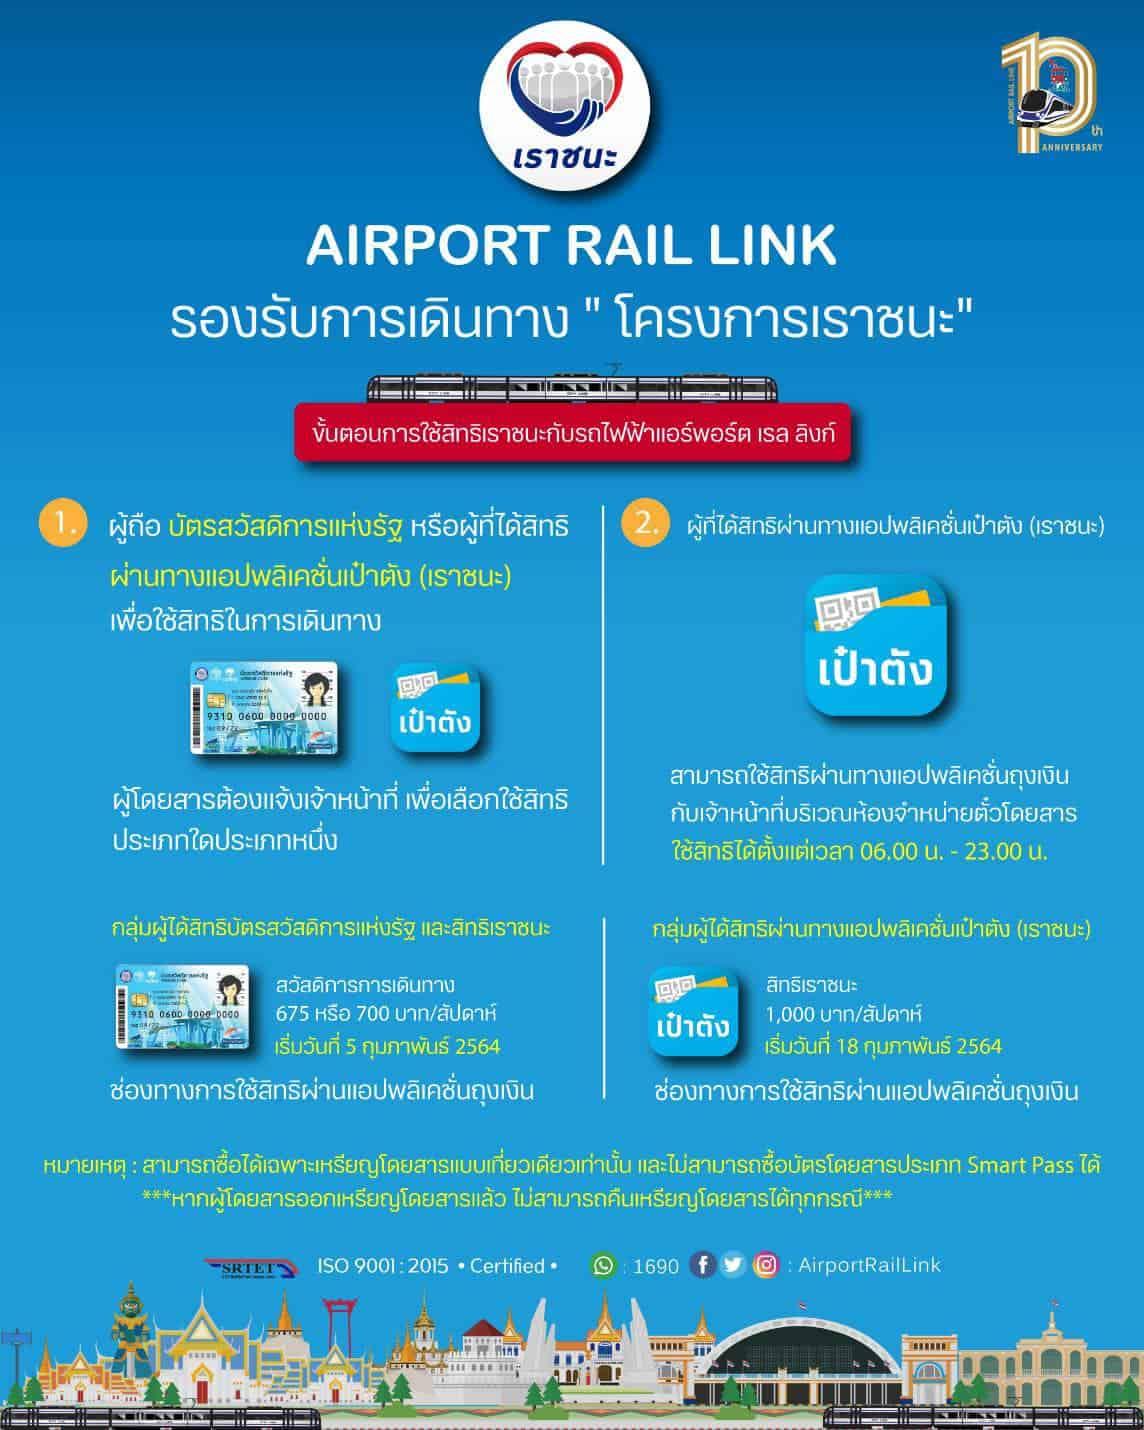 #สรุปให้ เราชนะซื้อบัตรรถไฟฟ้าแอร์พอร์ต เรล ลิงก์ (Airport Rail Link)